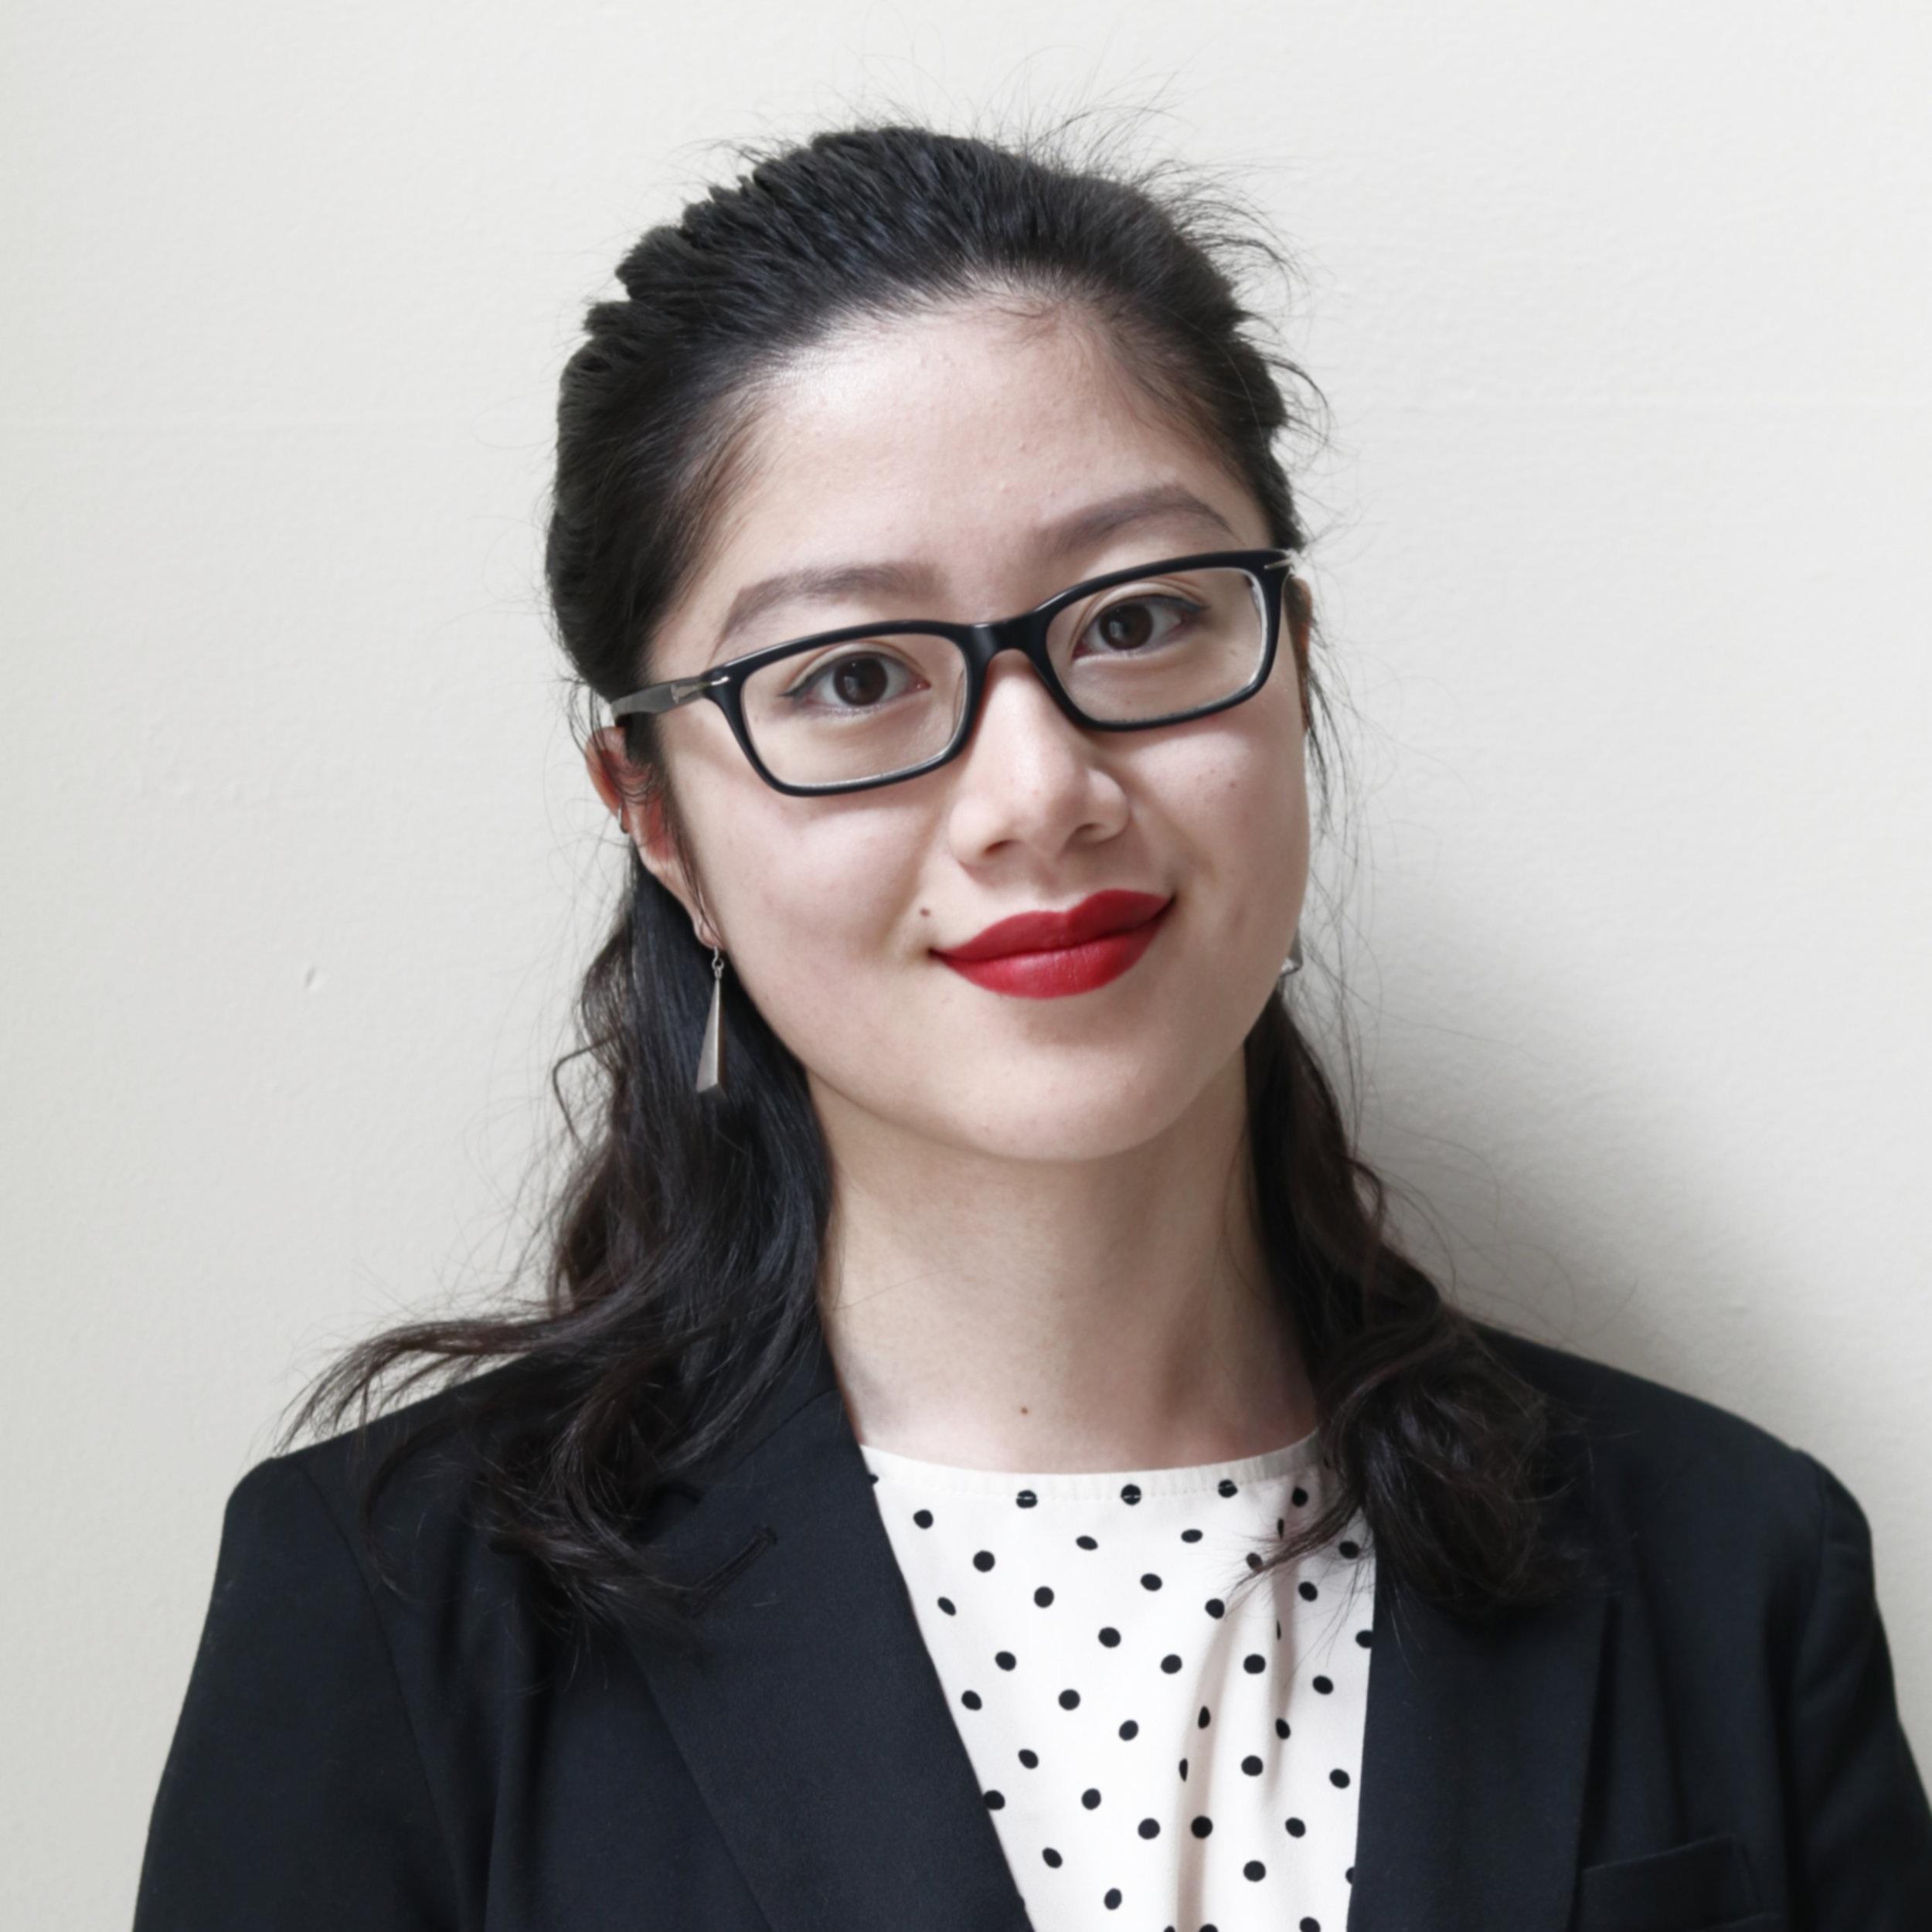 jessie hsu, chair - CAS '22 Cell Biology, Molecular Biology & Genetics / Minor: Philosophy